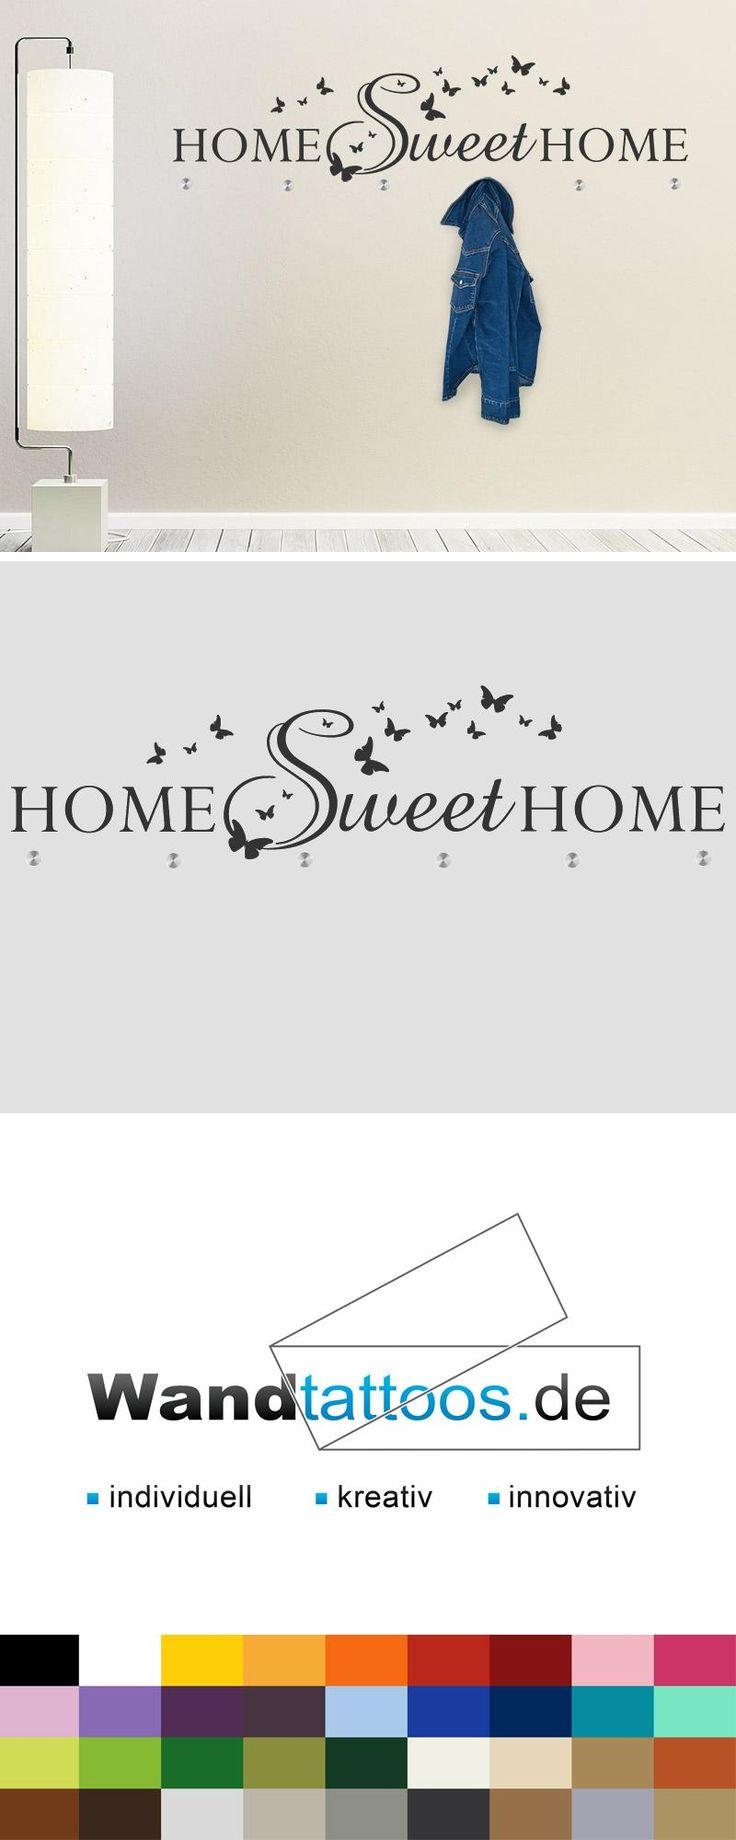 Wandtattoo Garderobe Sweet Home als Idee zur individuellen Wandgestaltung. Einfach Lieblingsfarbe und Größe auswählen. Weitere kreative Anregungen von Wandtattoos.de hier entdecken!